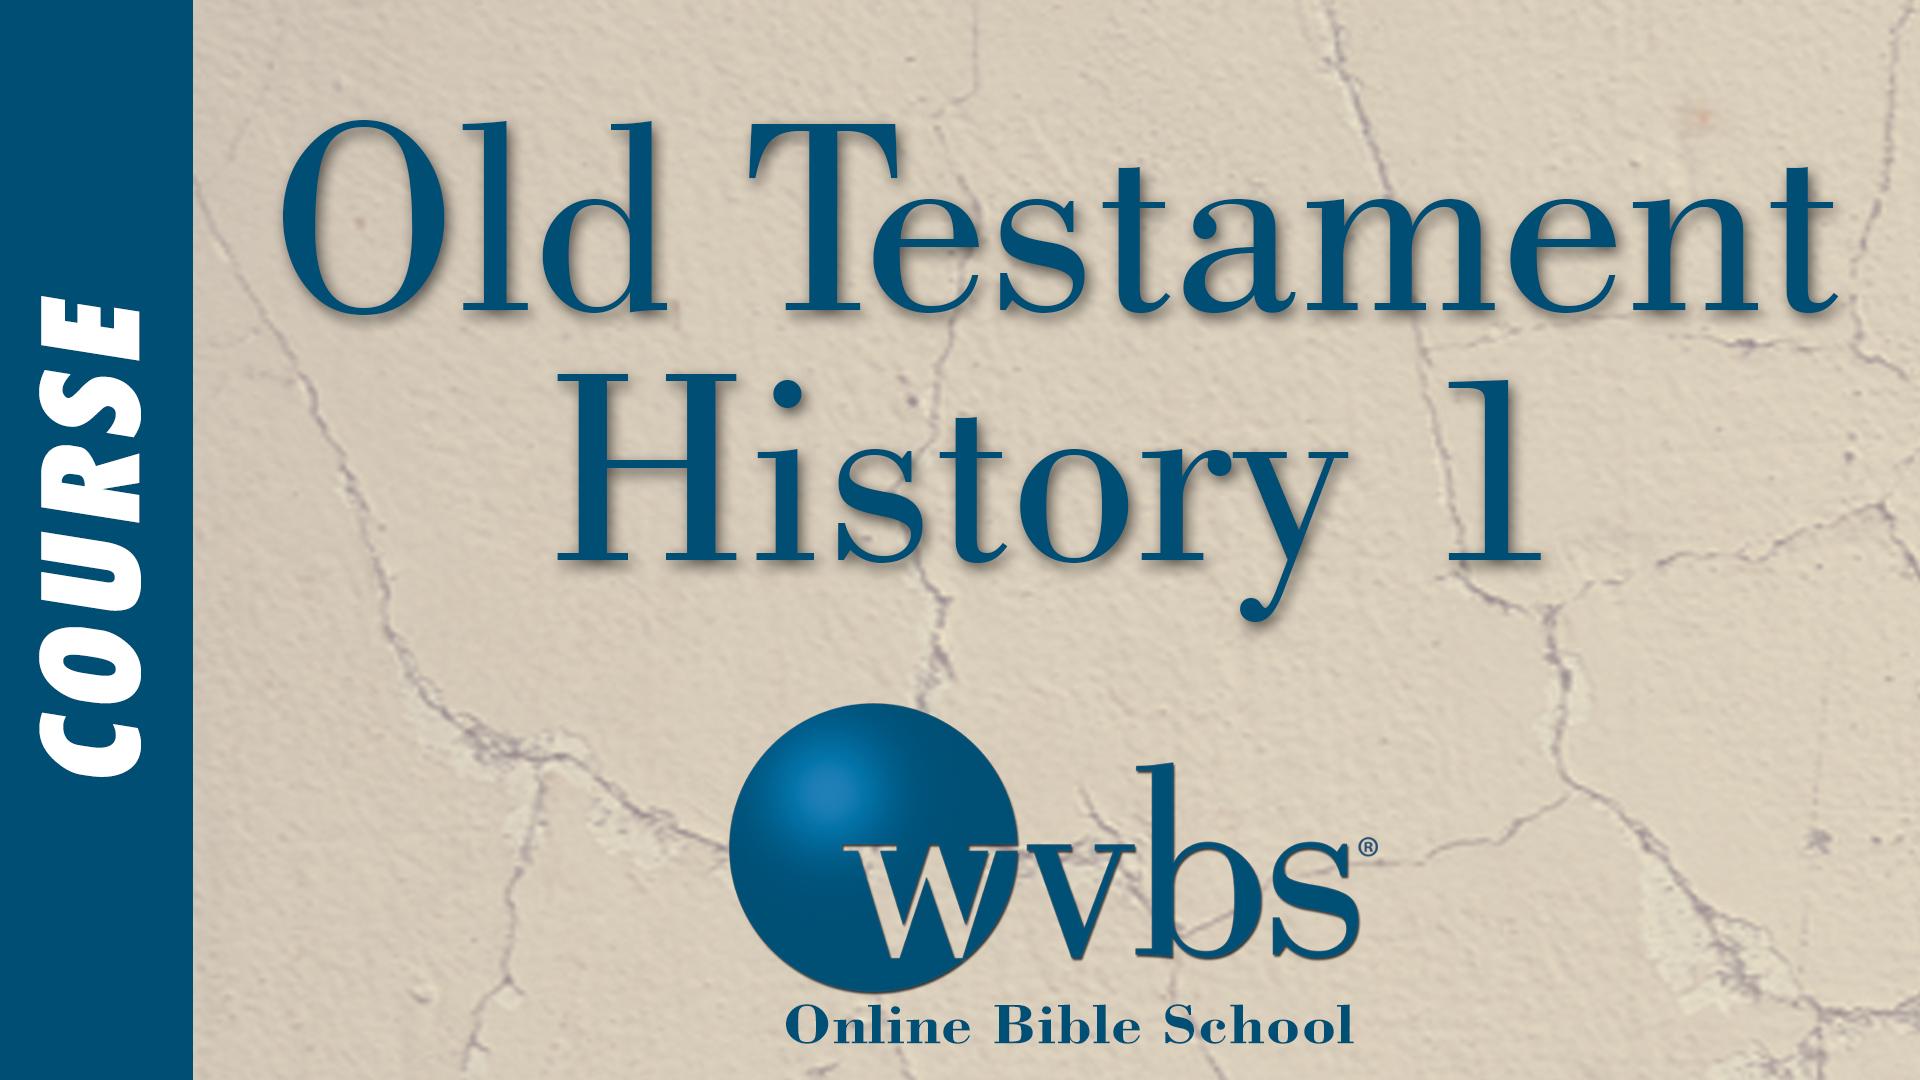 Old Testament History 1 (Online Bible School)